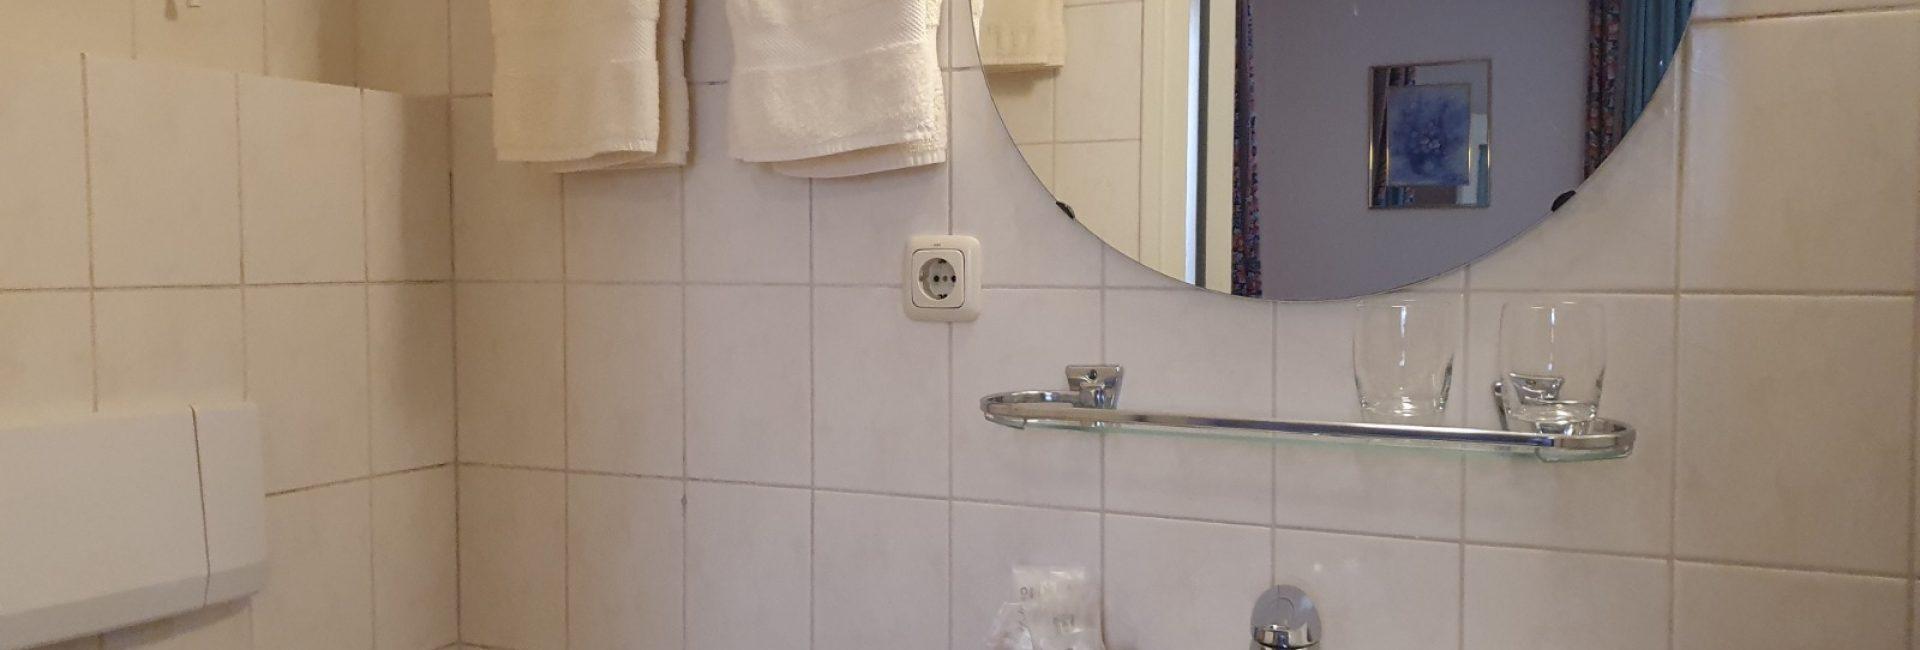 Tweepersoonskamer badkamer